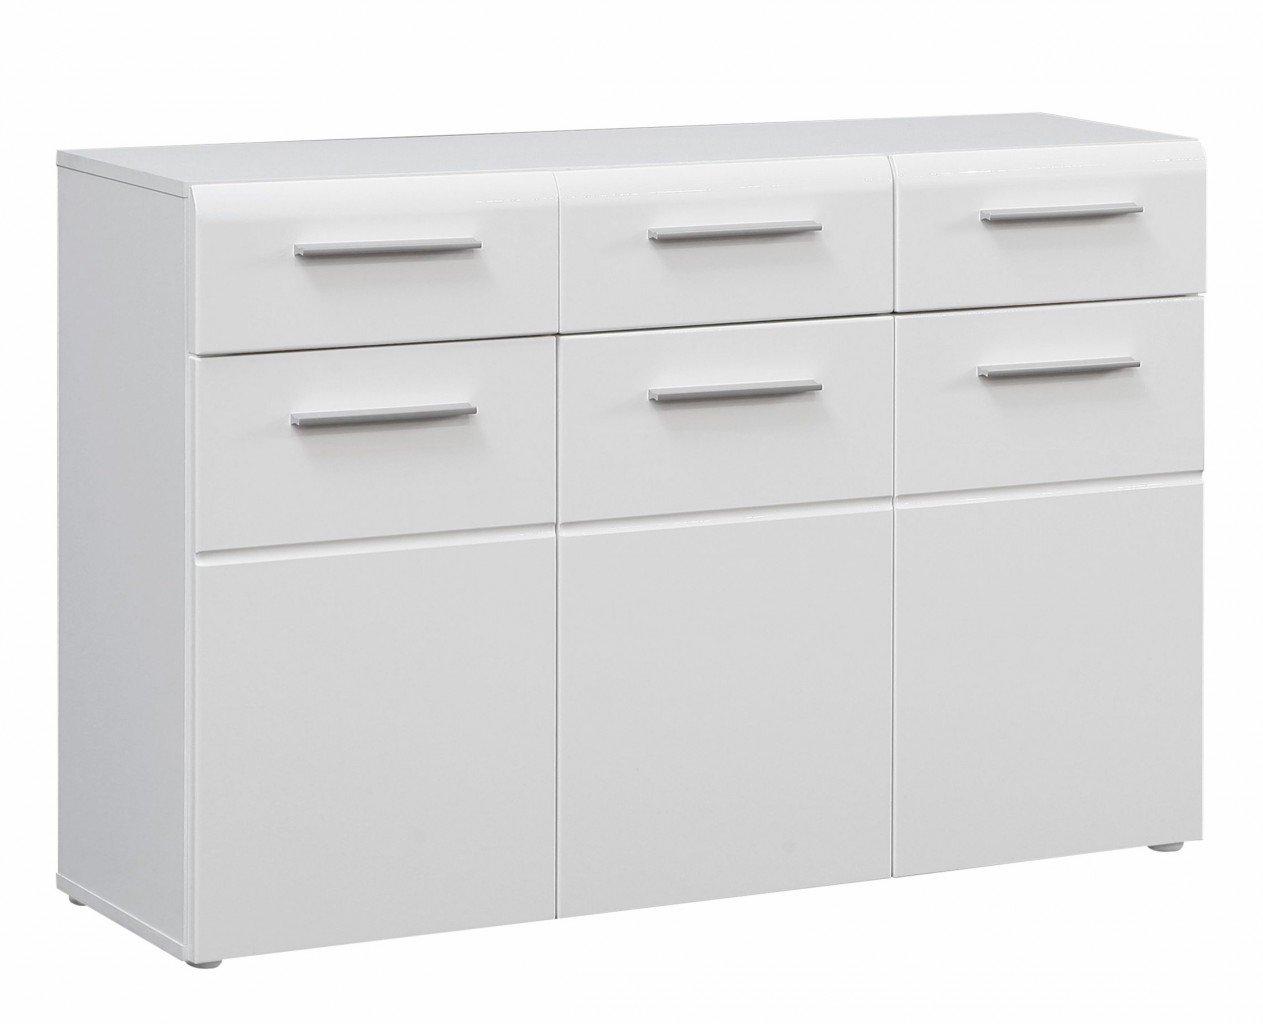 Kommode SLATE 3 Türen 3 Schubladen, Front weiß Hochglanz, von Forte günstig online kaufen